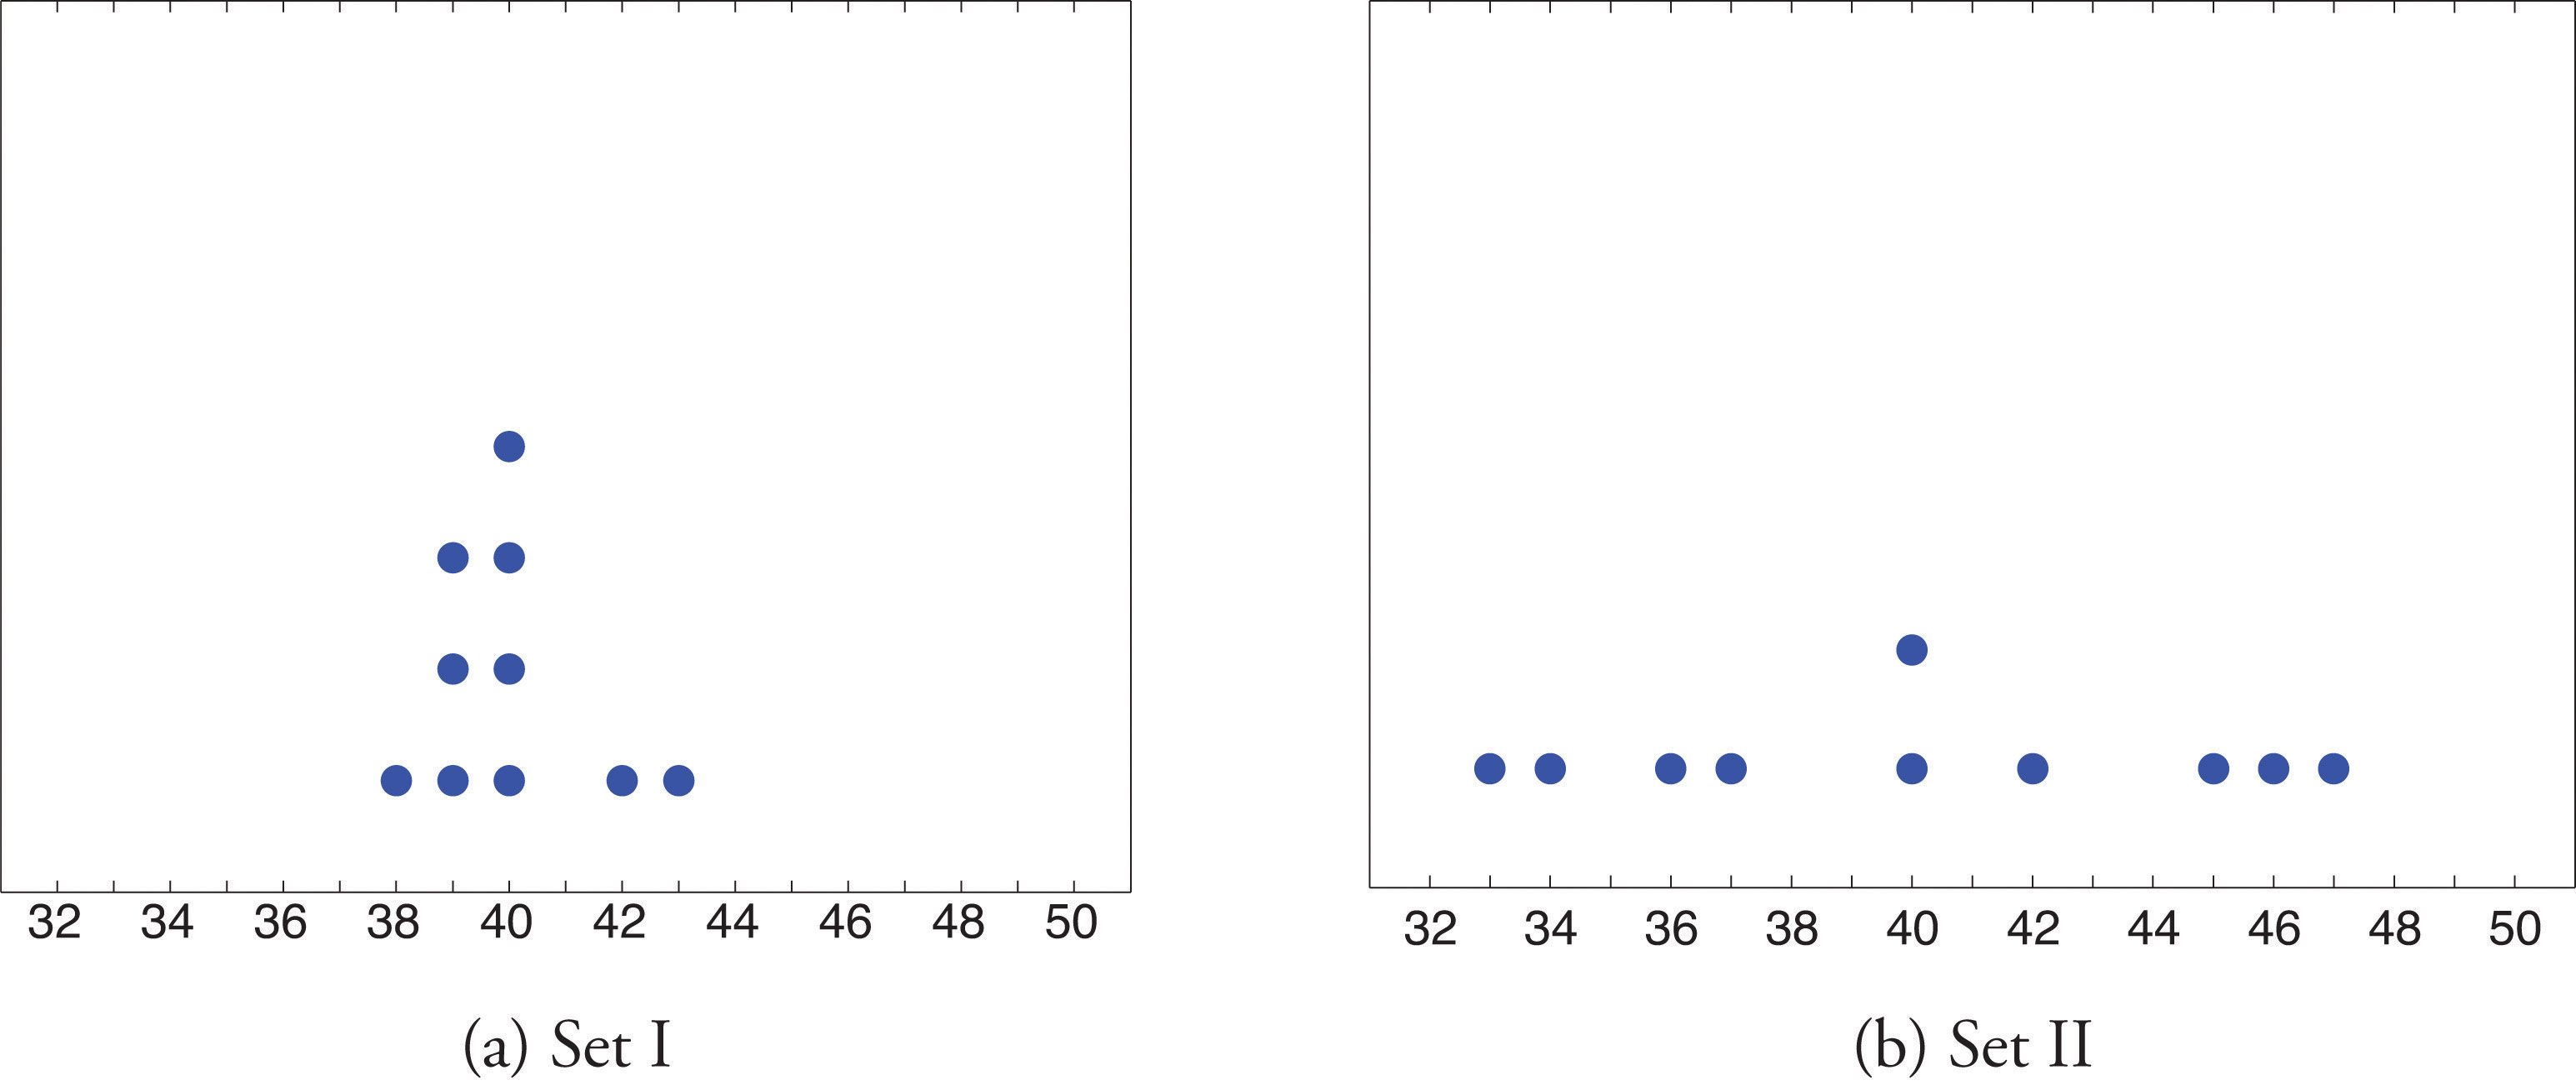 Measures of Variability – Measures of Variation Worksheet